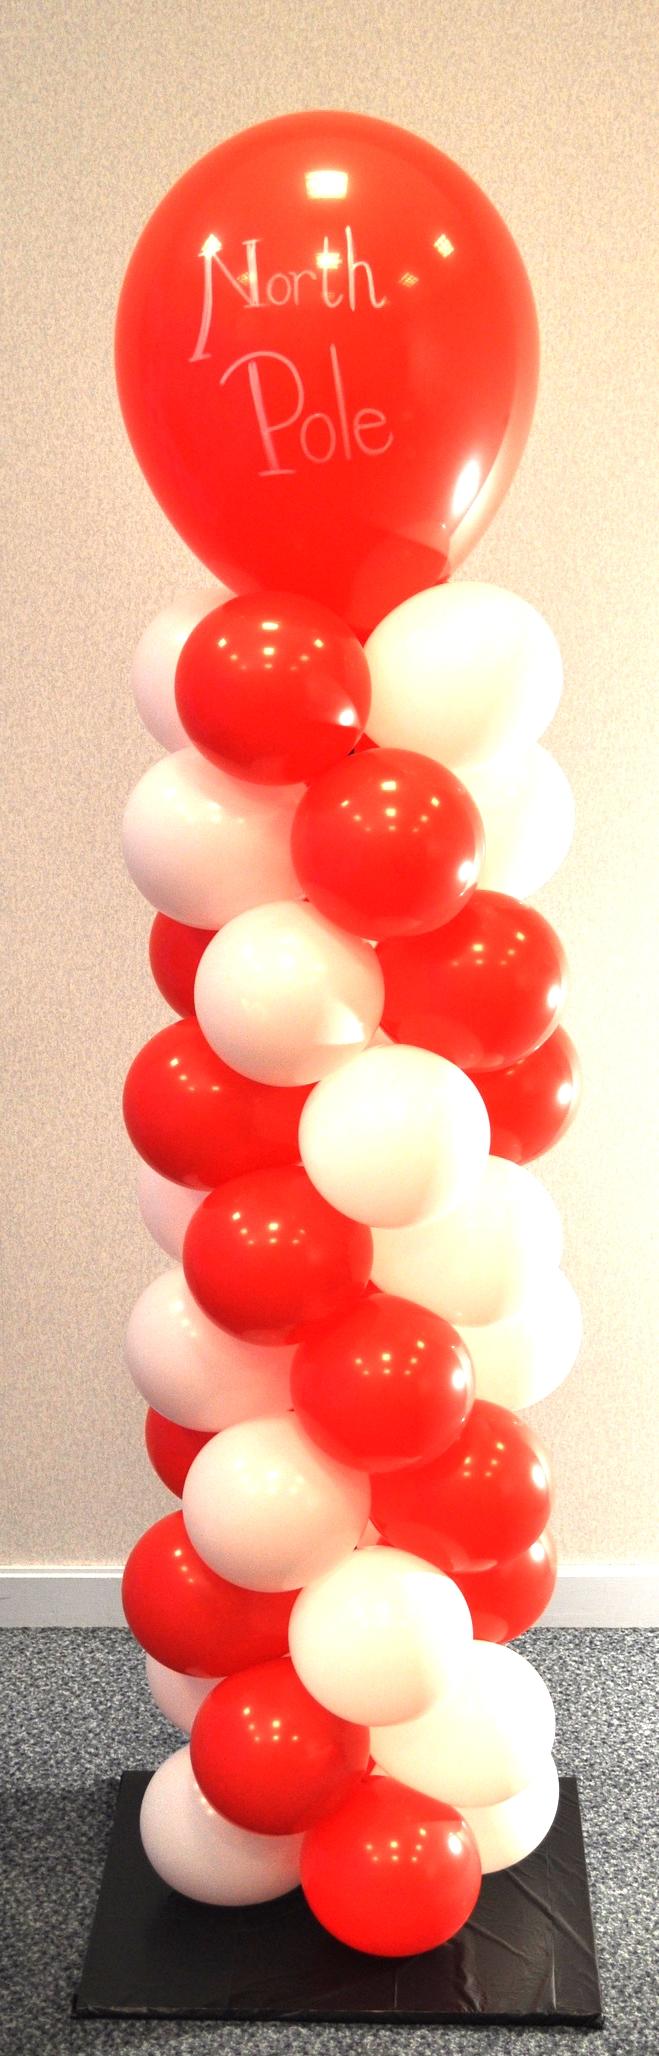 Balloon North Pole